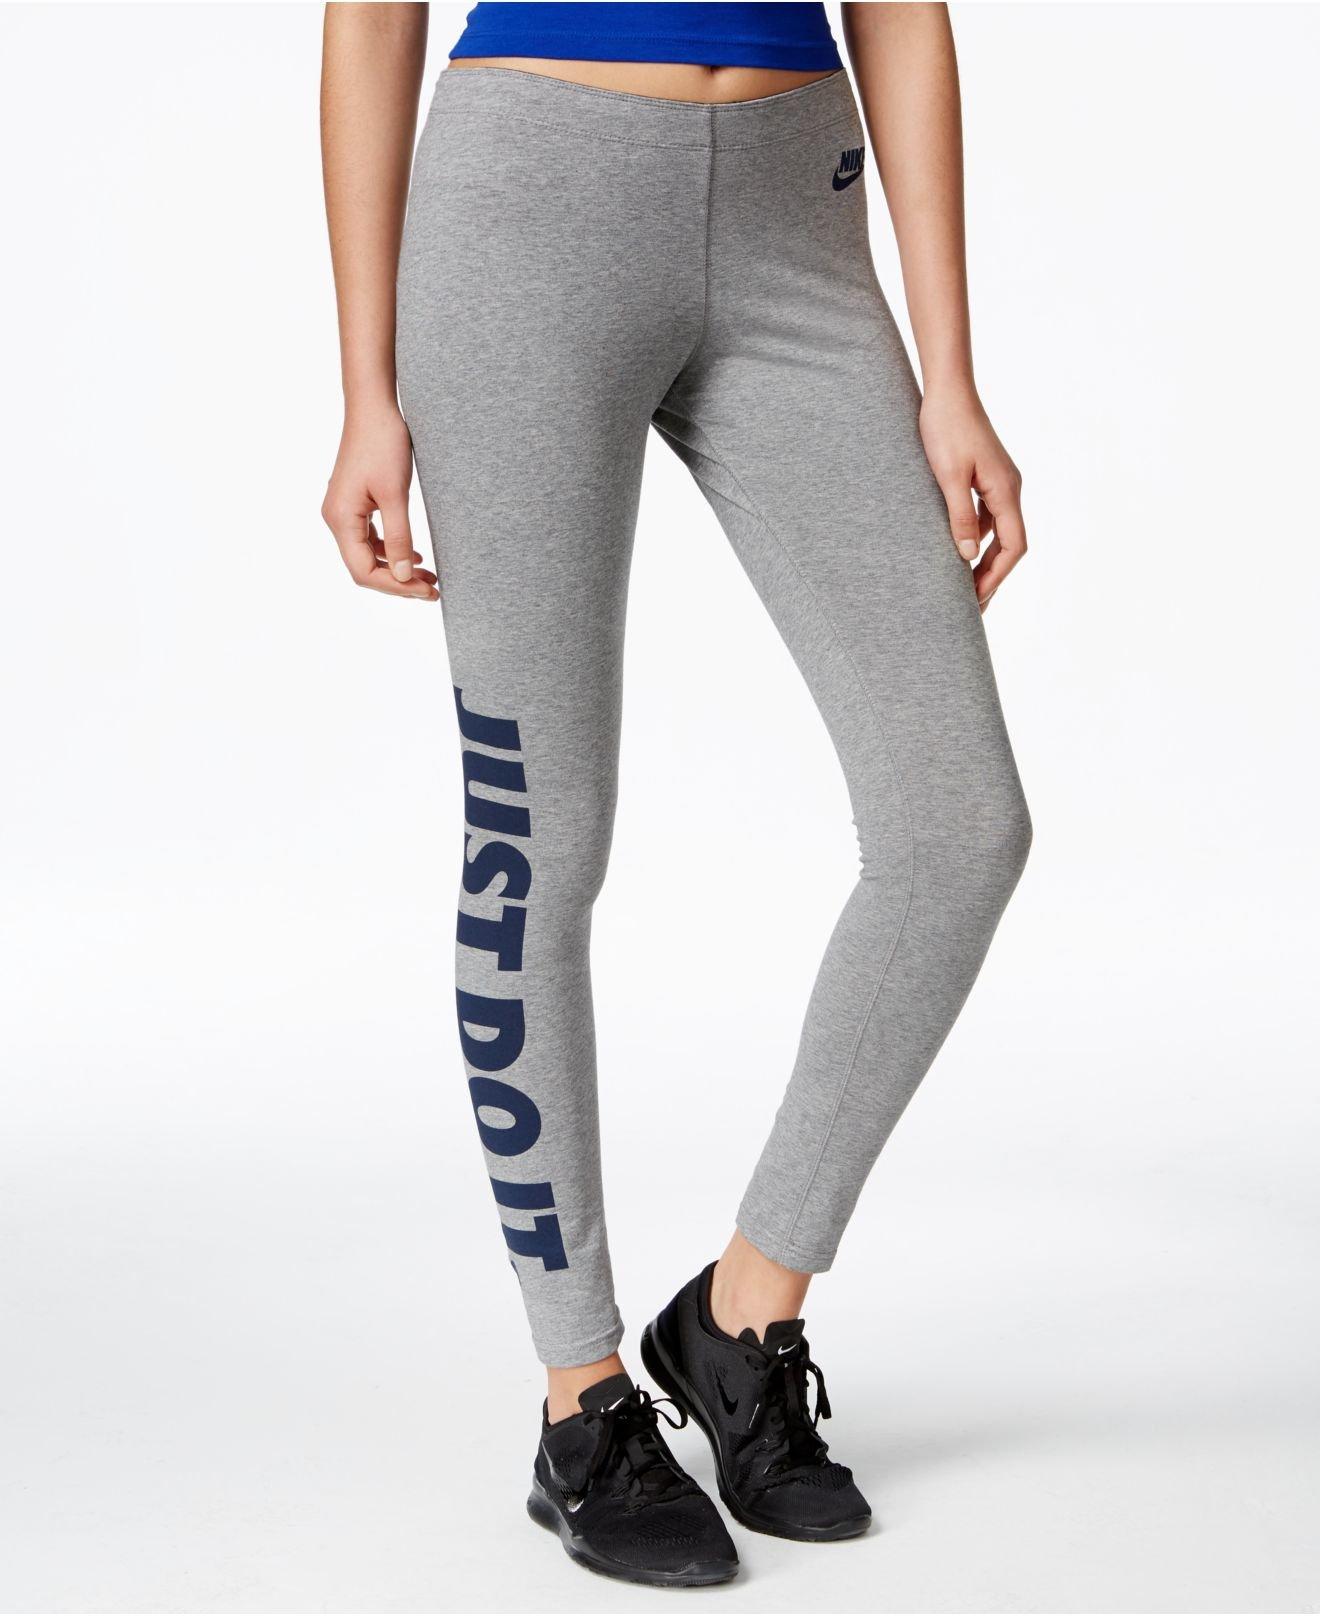 Innovative 24 New Nike Squad Tech Pants Womens U2013 Playzoa.com